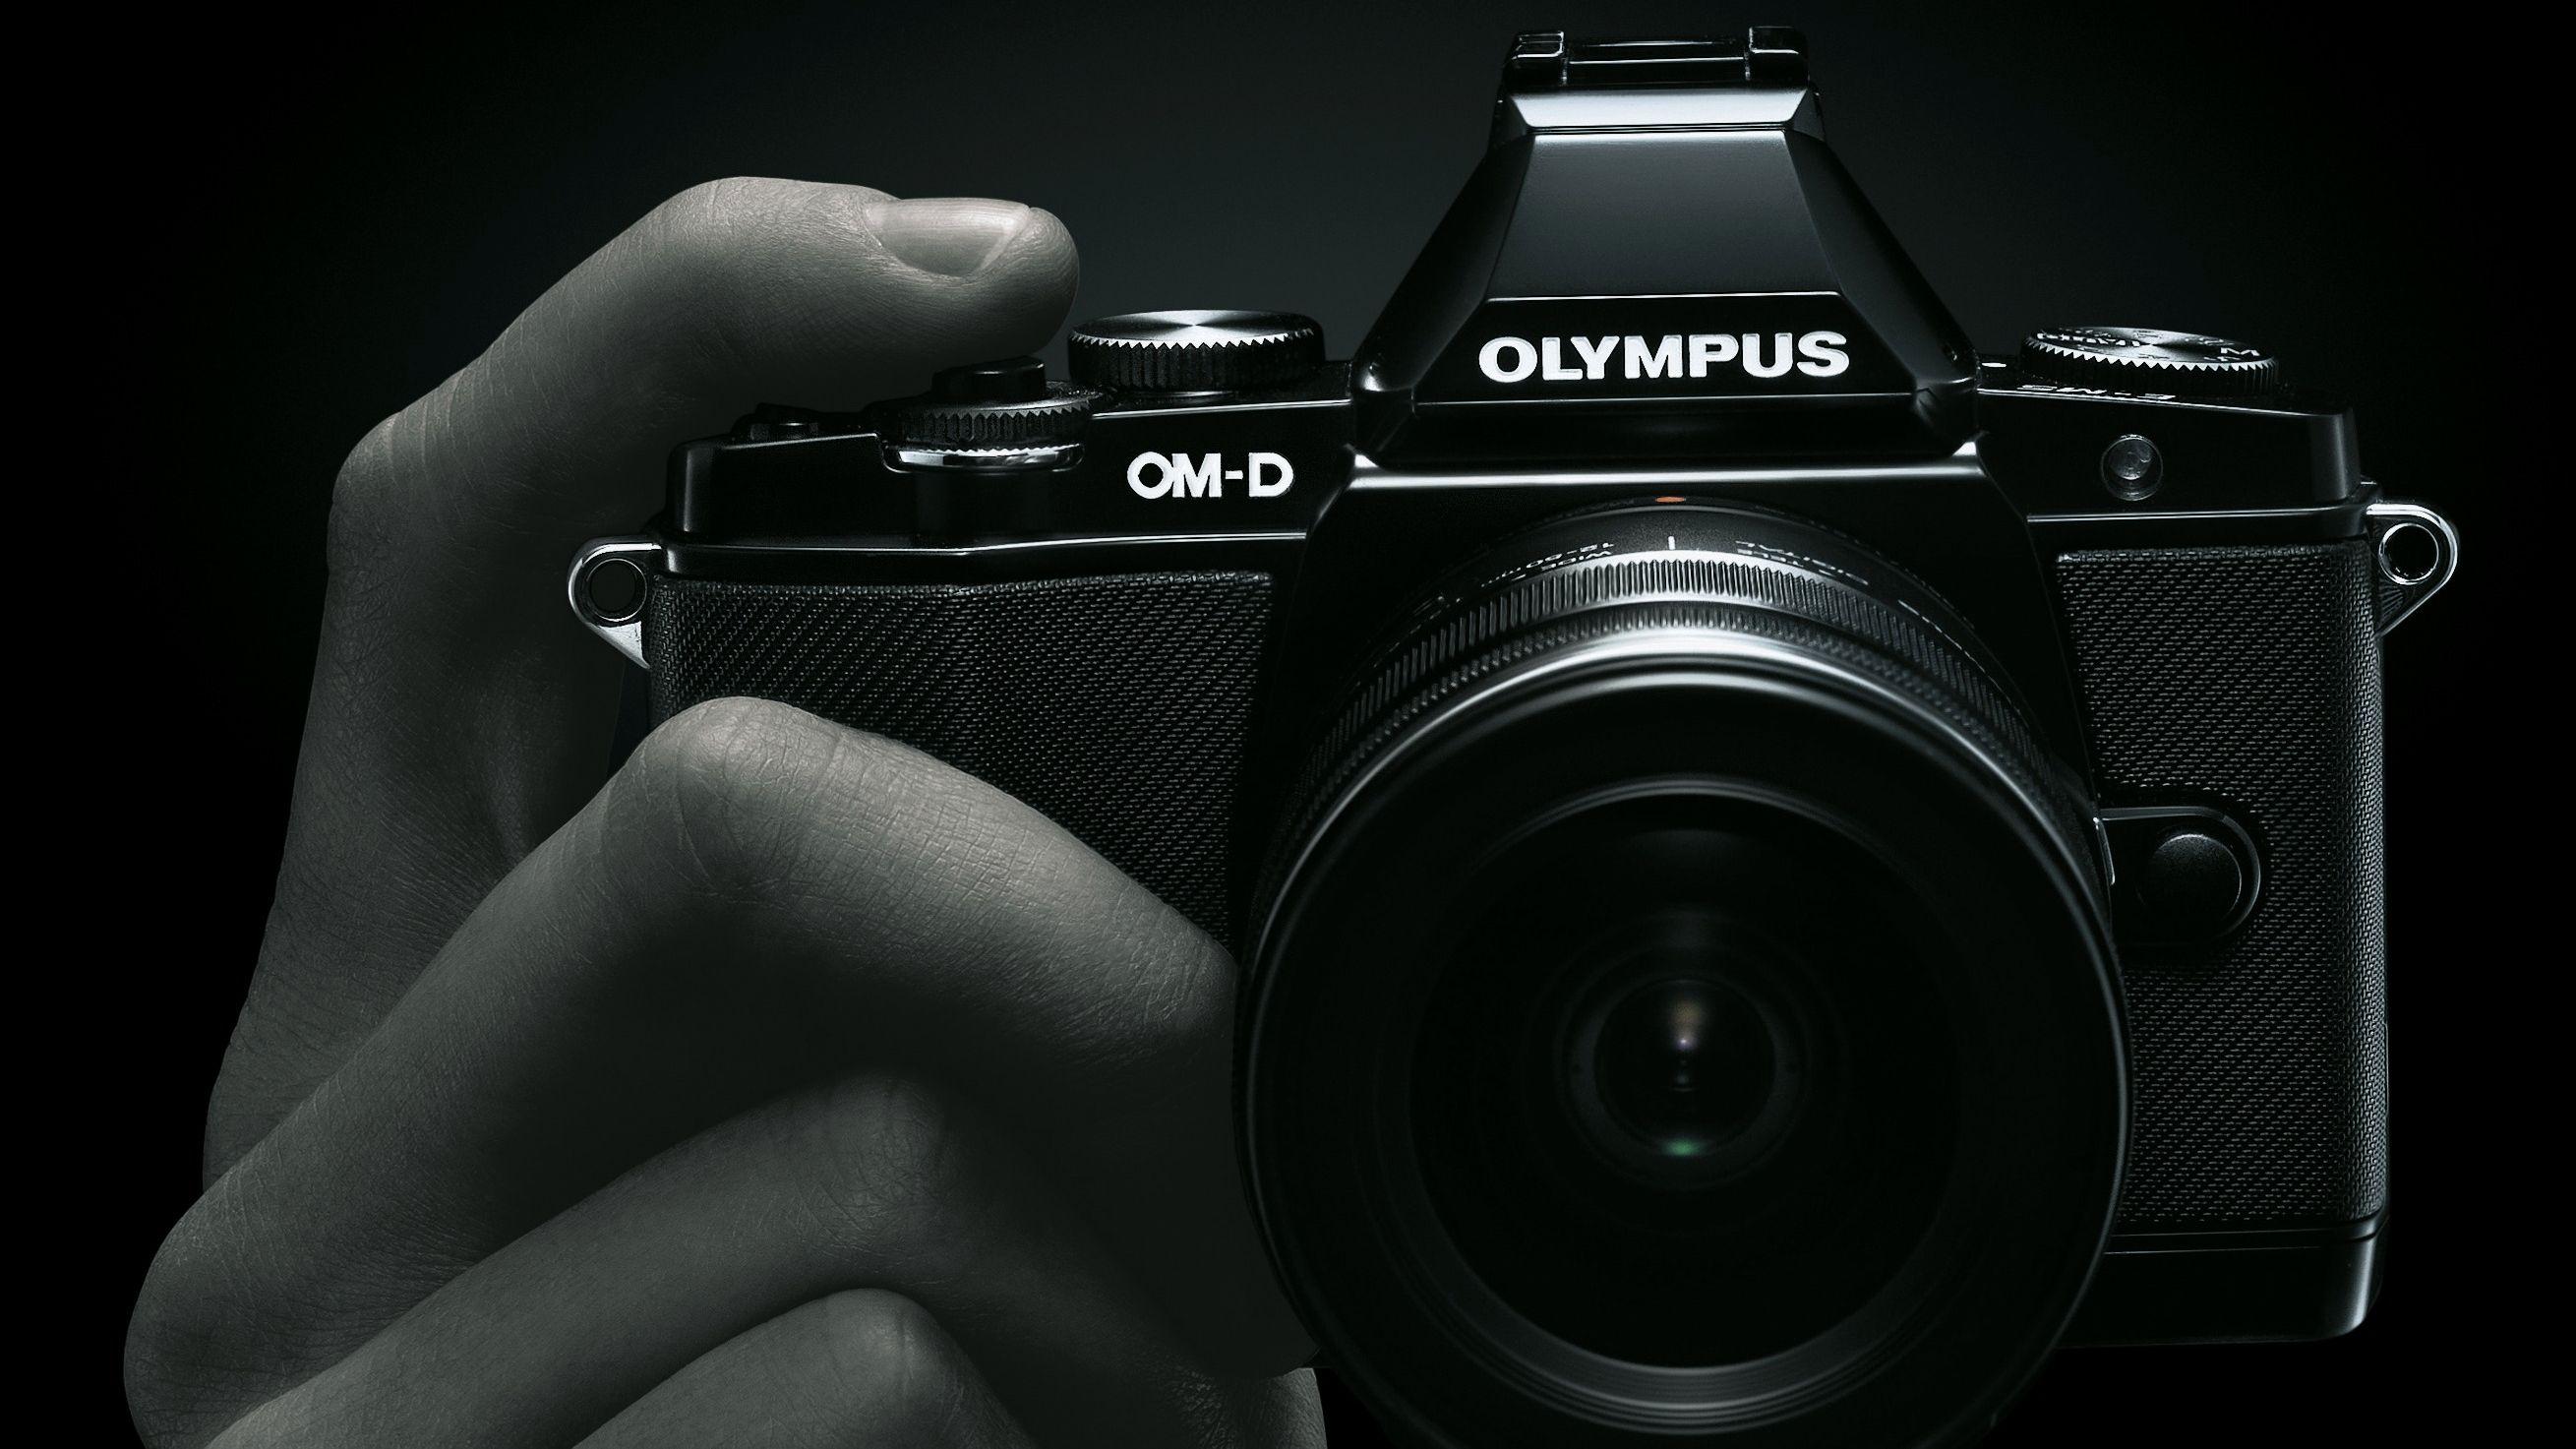 Nytt Olympus-kamera kan få 40 megapiksler